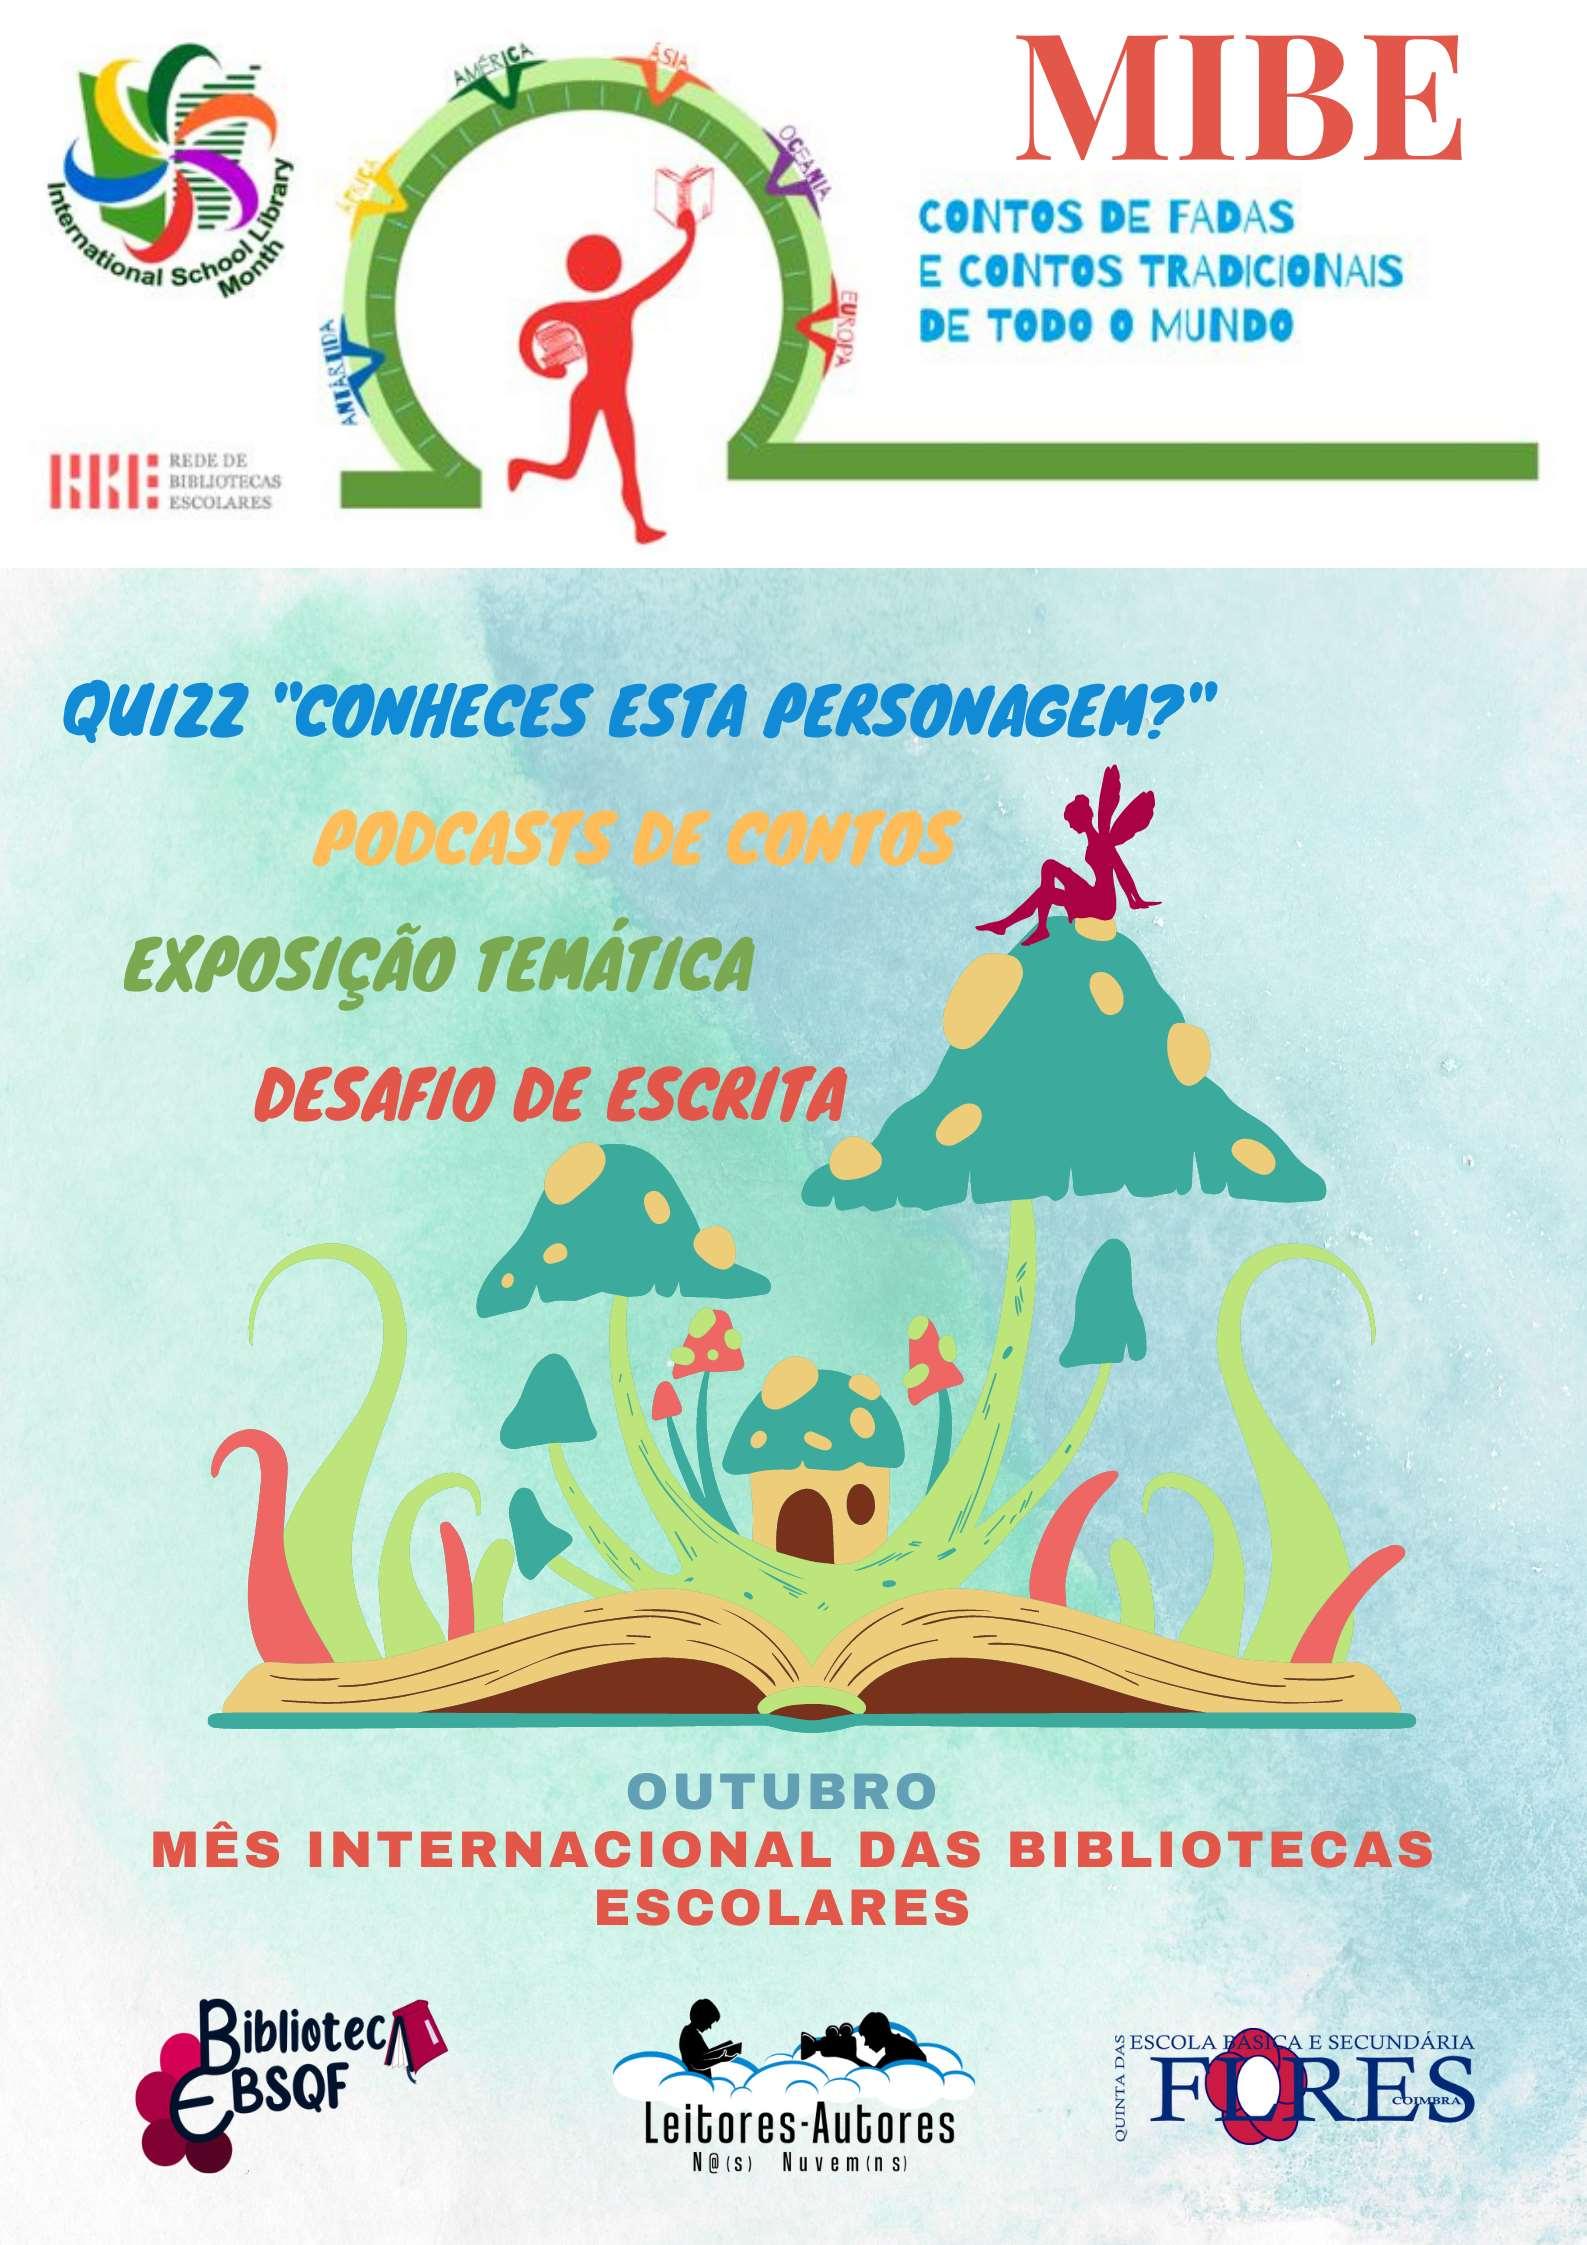 internacional da Bibliotecas Escolares